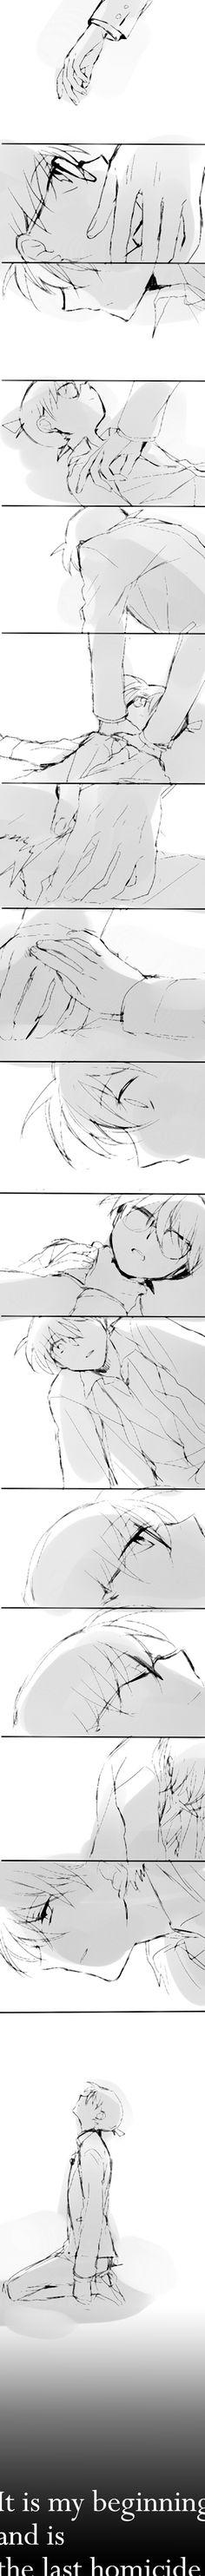 「【腐】コナンlog01」/「あばらや」の漫画 [pixiv]